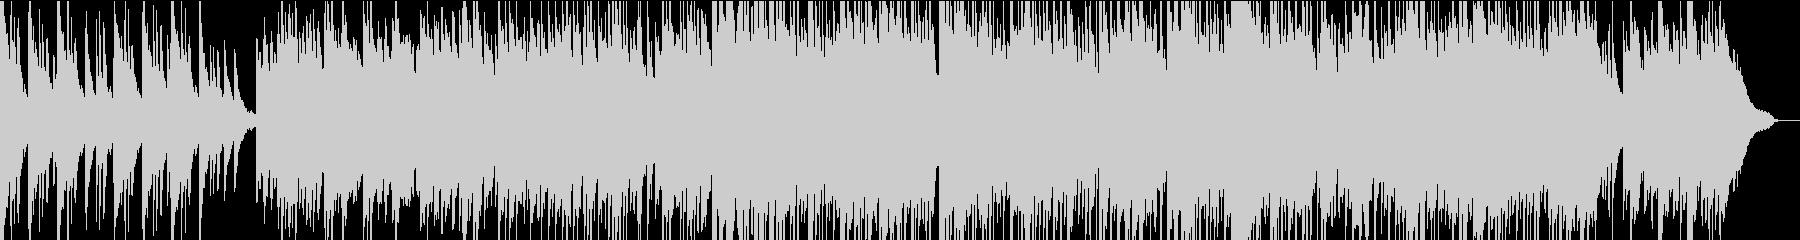 夏 夕方 センチメンタルなピアノBGMの未再生の波形